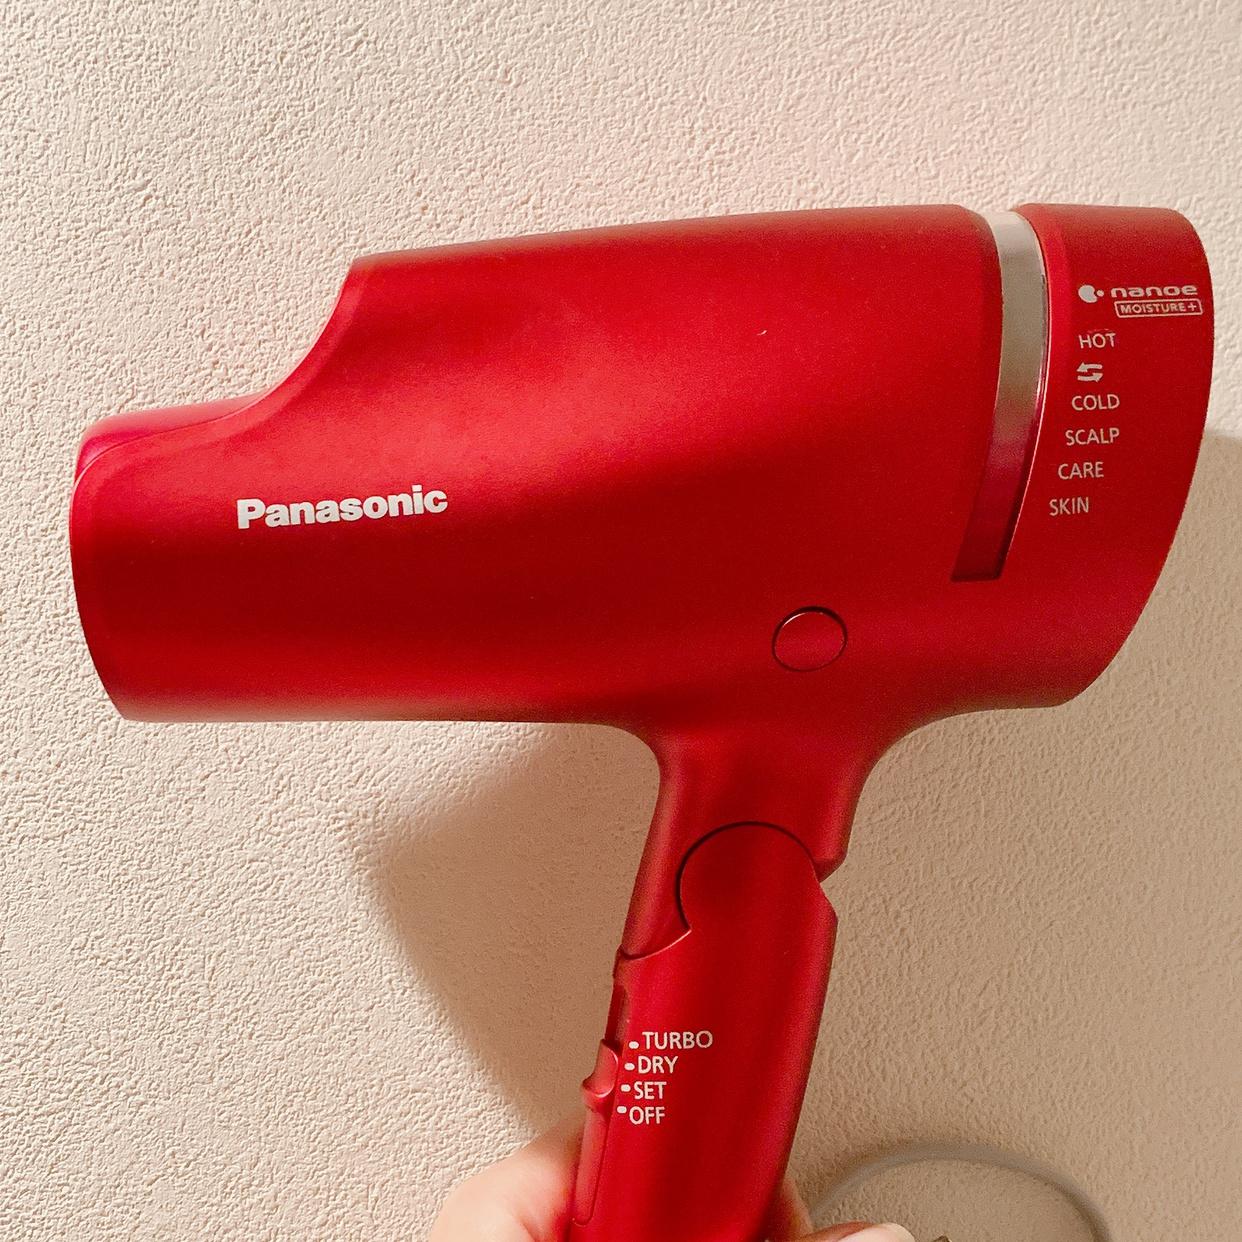 Panasonic(パナソニック)ヘアー ドライヤー ナノケア EH-NA99を使ったひかりさんのクチコミ画像1